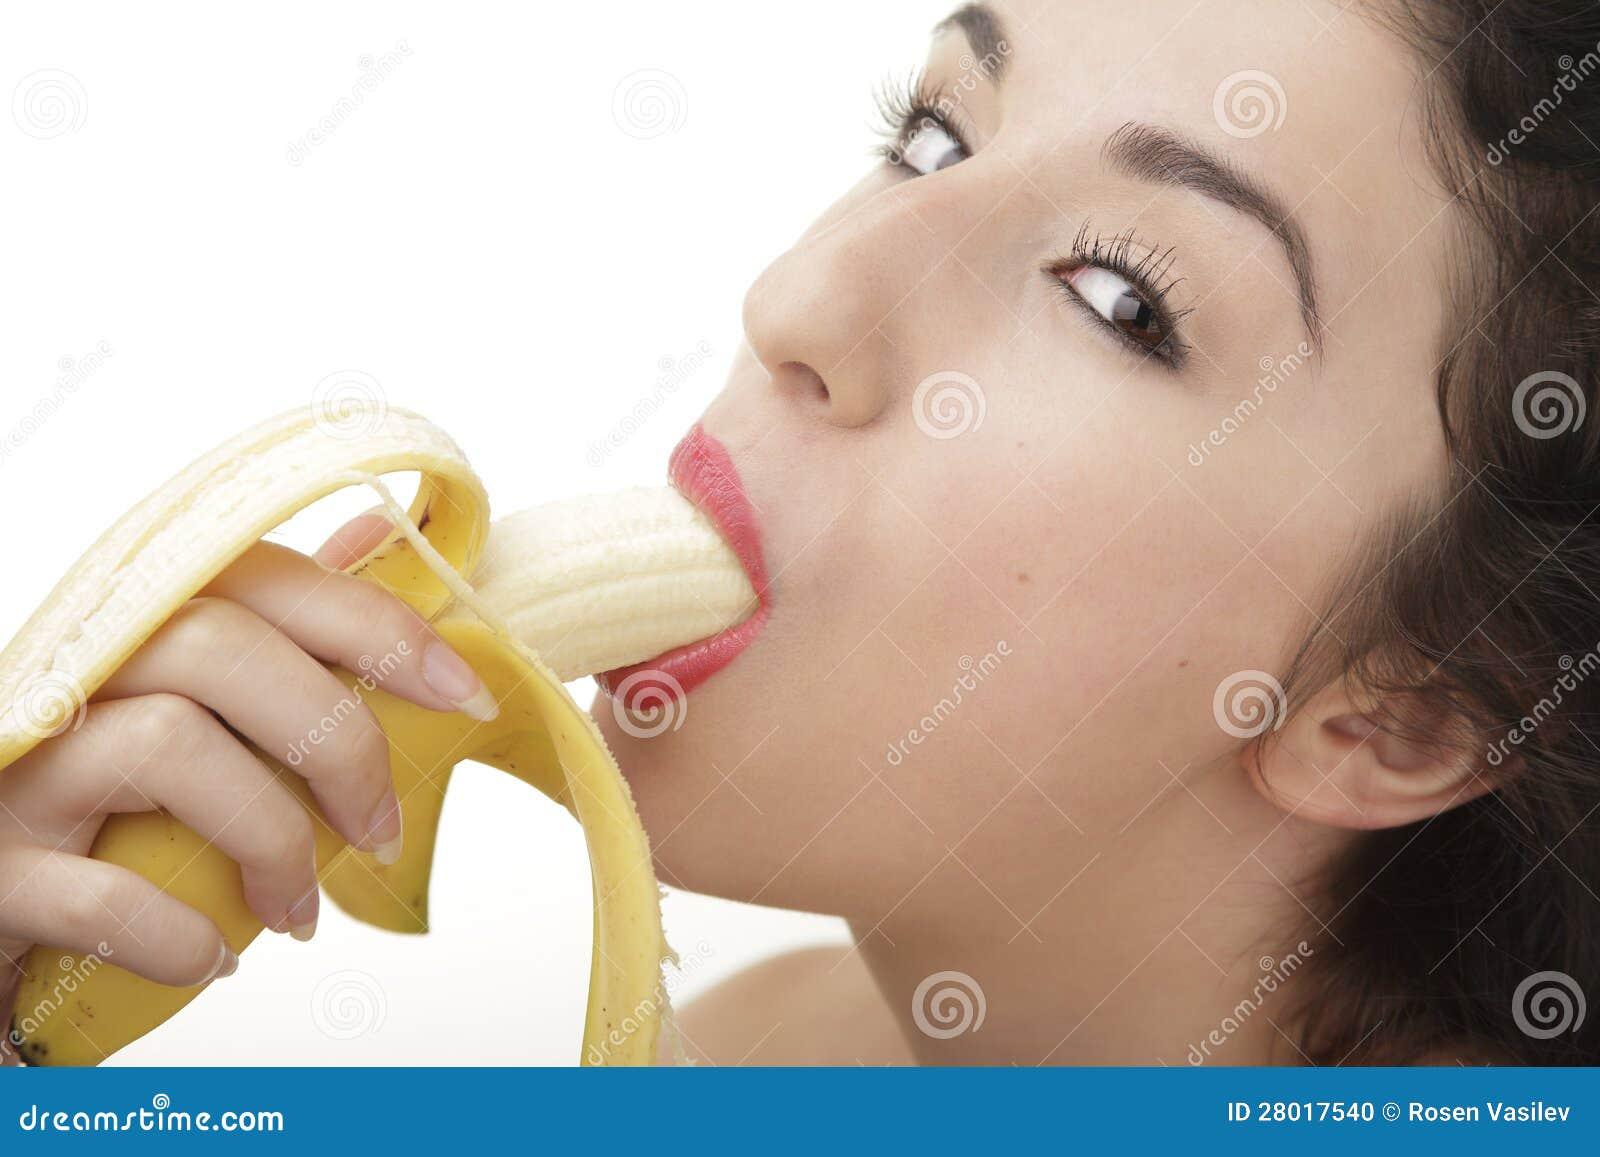 Sexy Sucking Banana